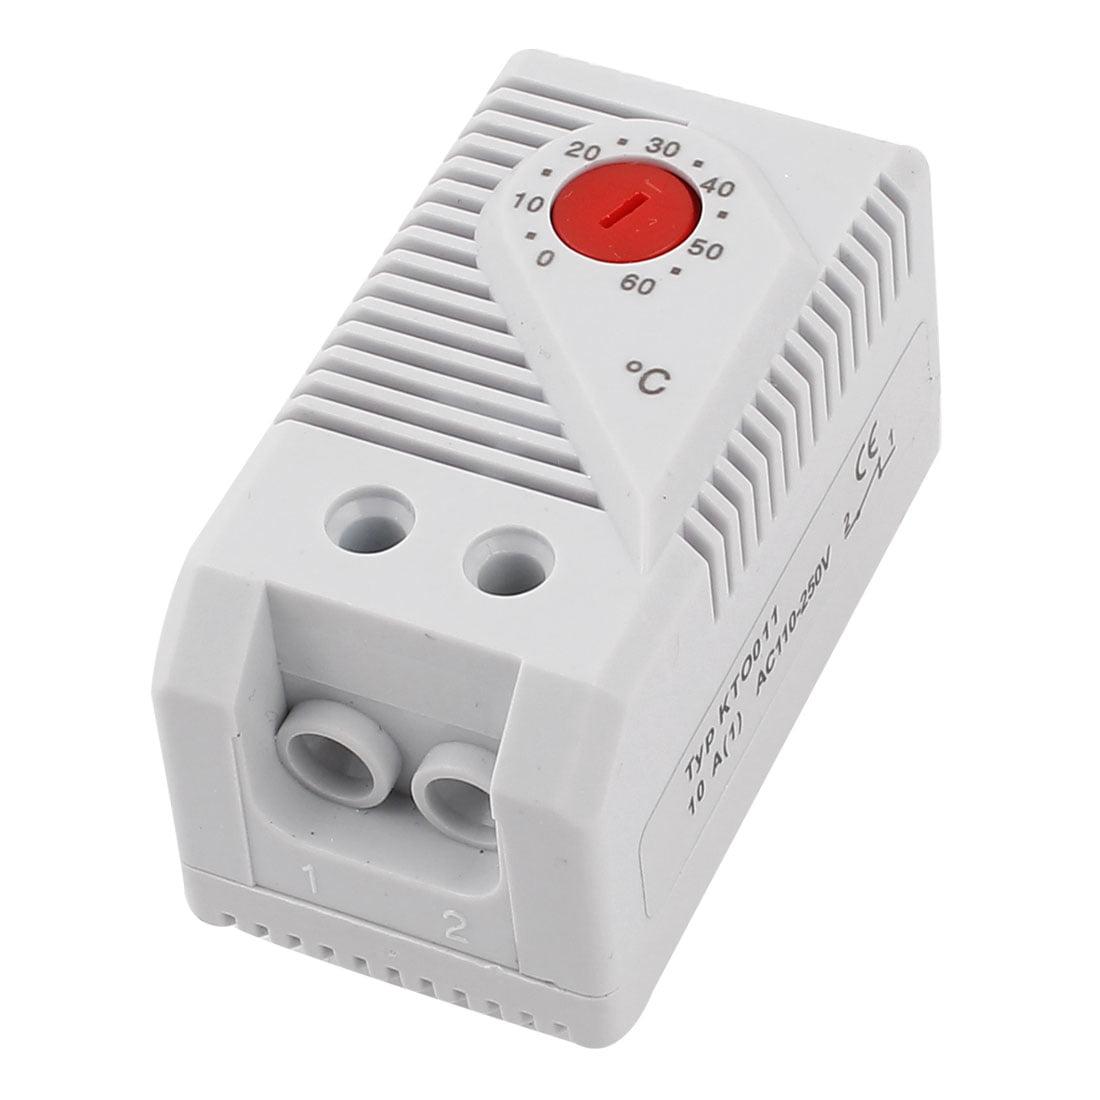 Unique Bargains KTO011 0-60 Celsius Degree Bimetallic Thermostat Temperature Controller